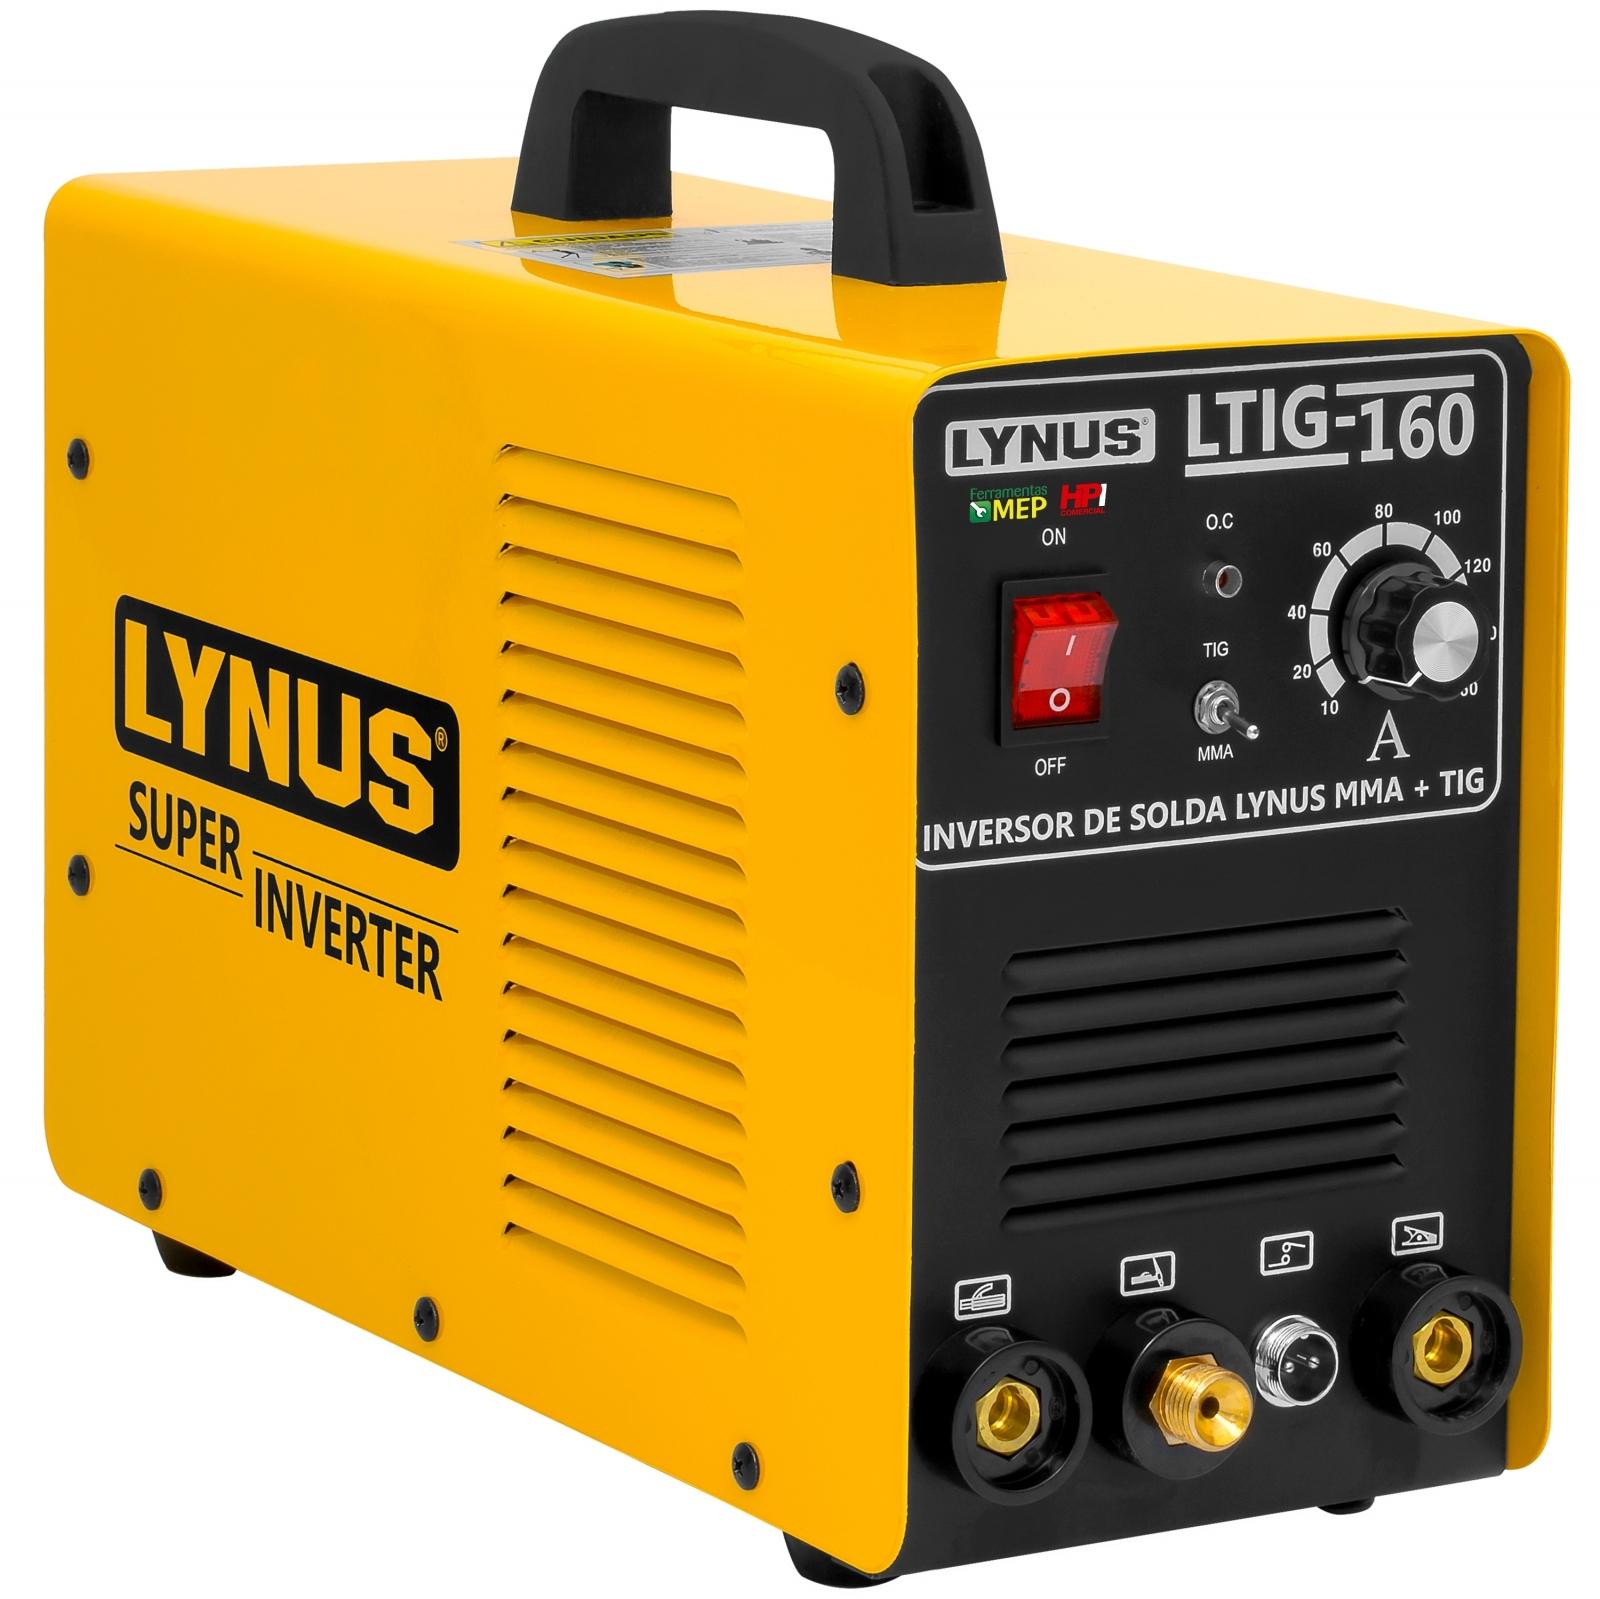 Máquina de Solda Tig Lynus Inversora 160amp Completa Tl2 - Ferramentas MEP